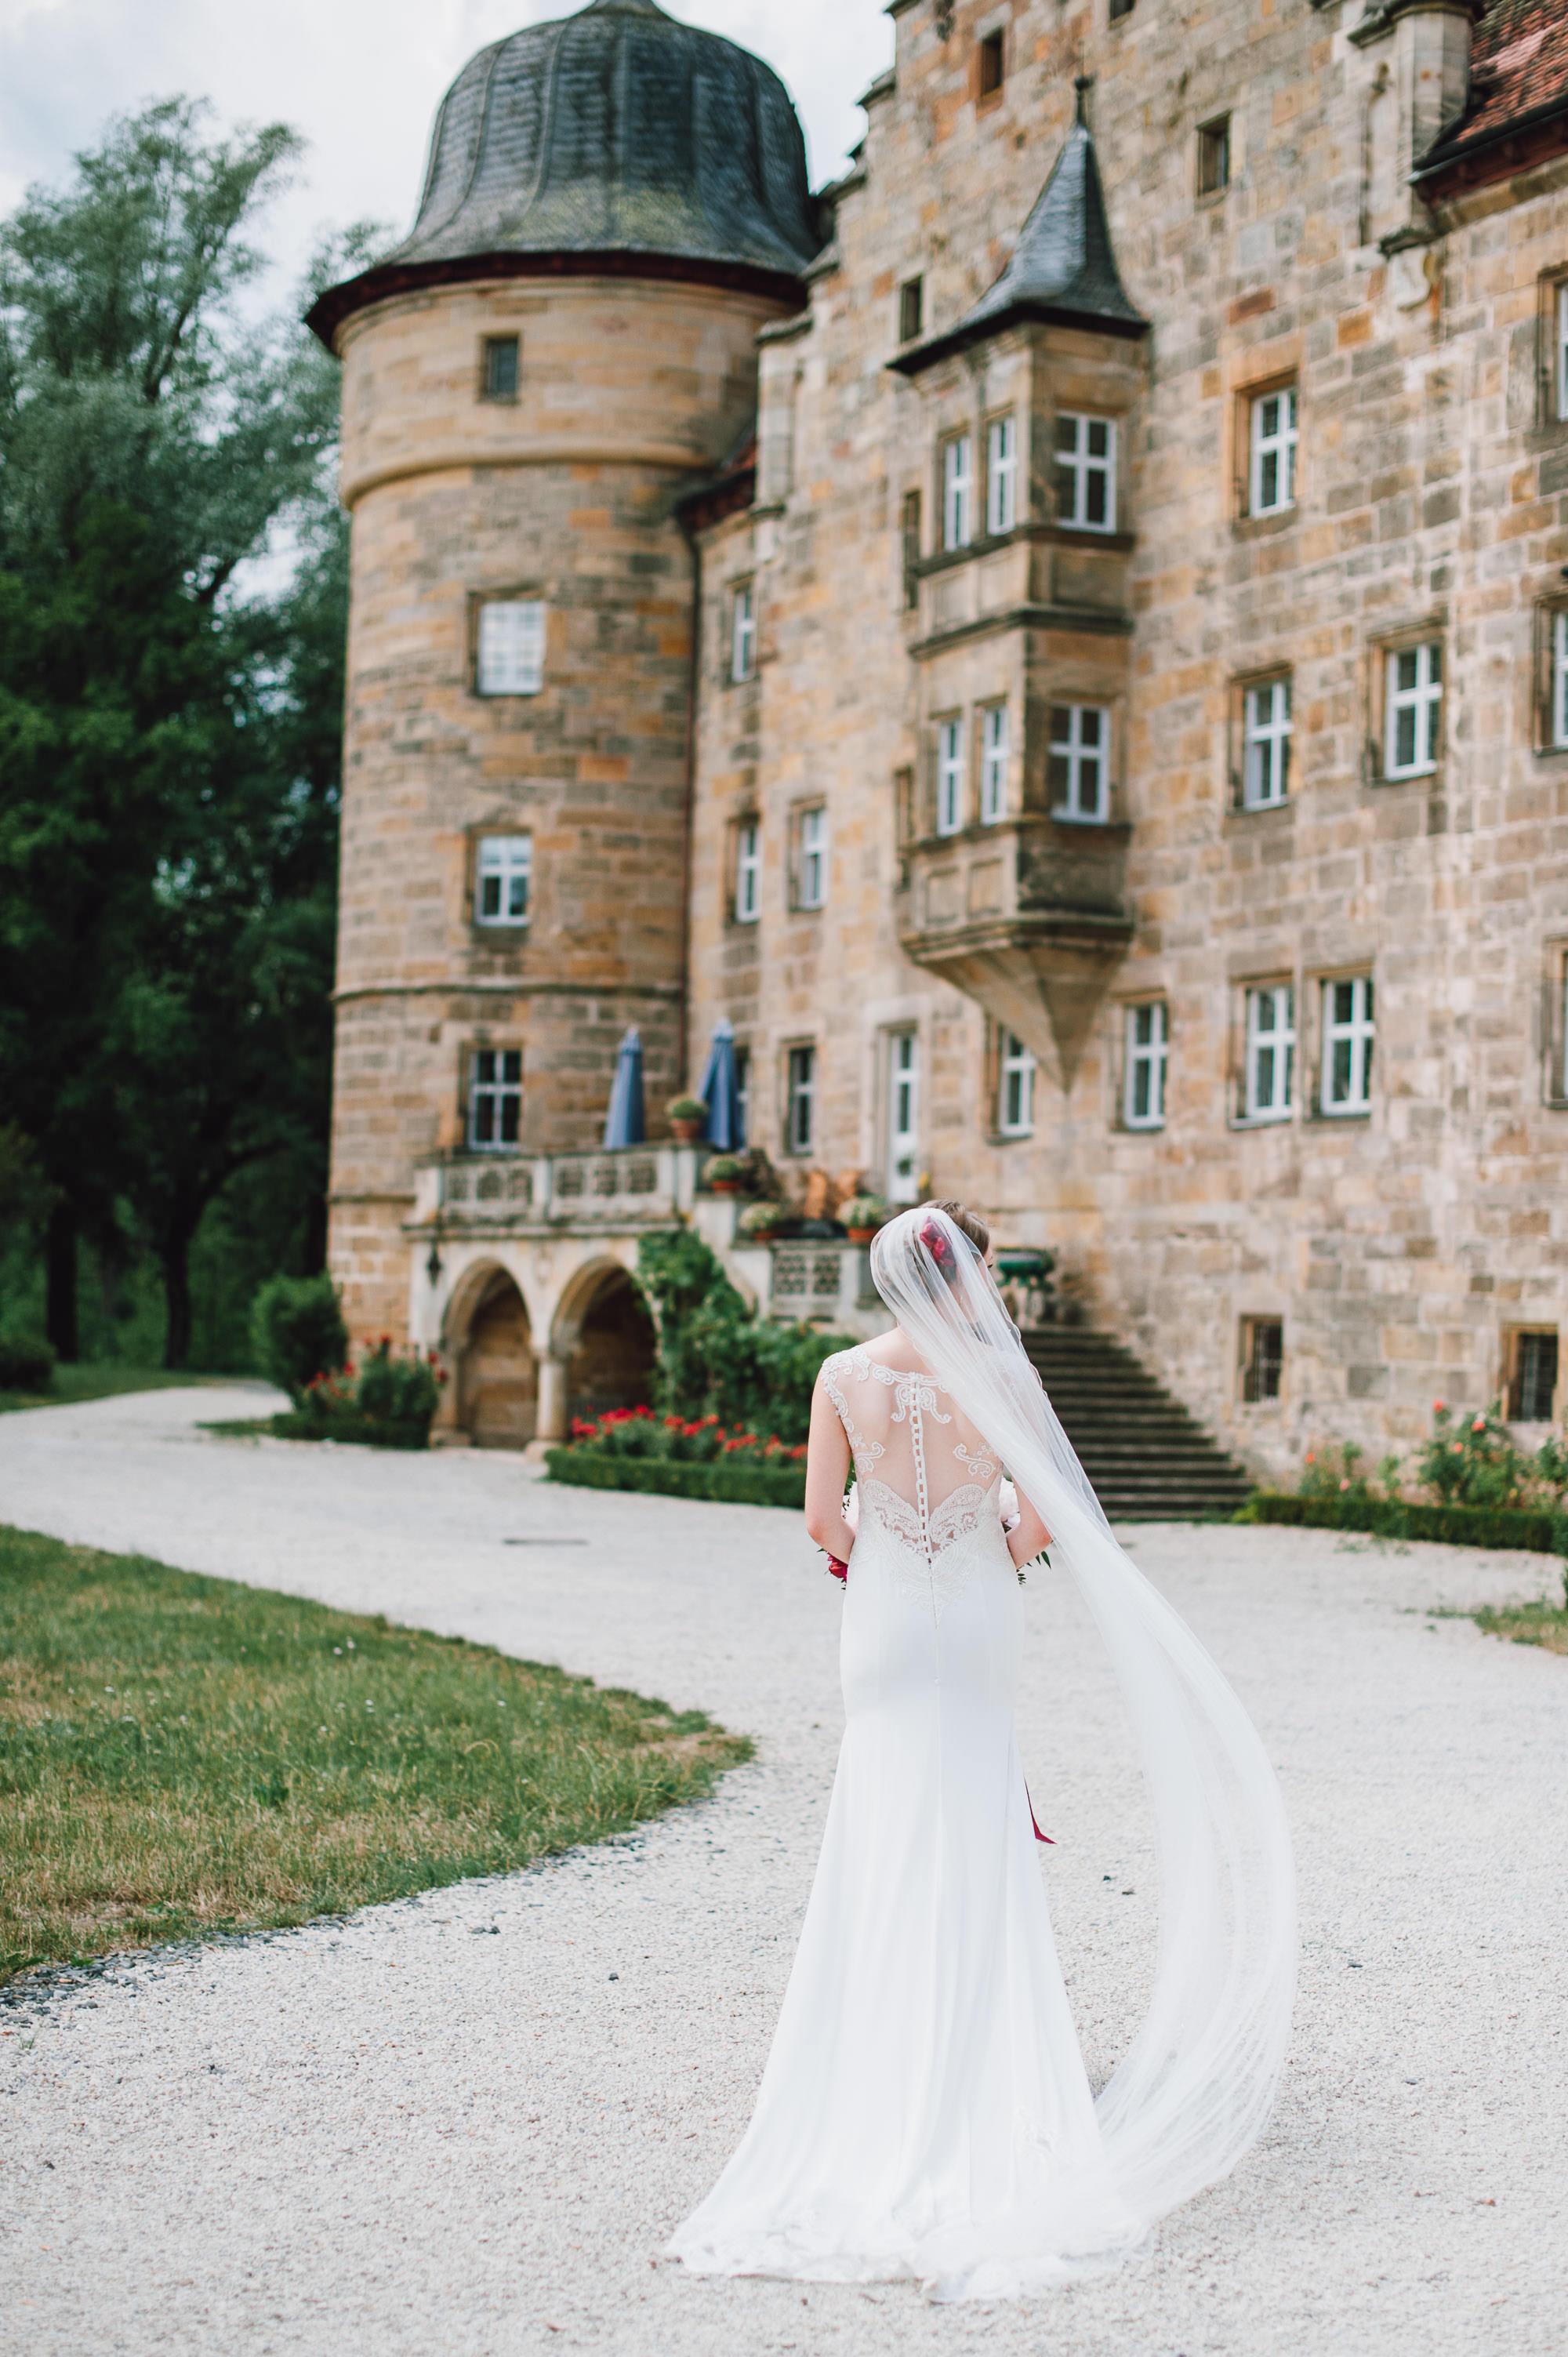 rustic-elegant-wedding-schloss-hochzeit-eyrichshof-franken-bamberg-034